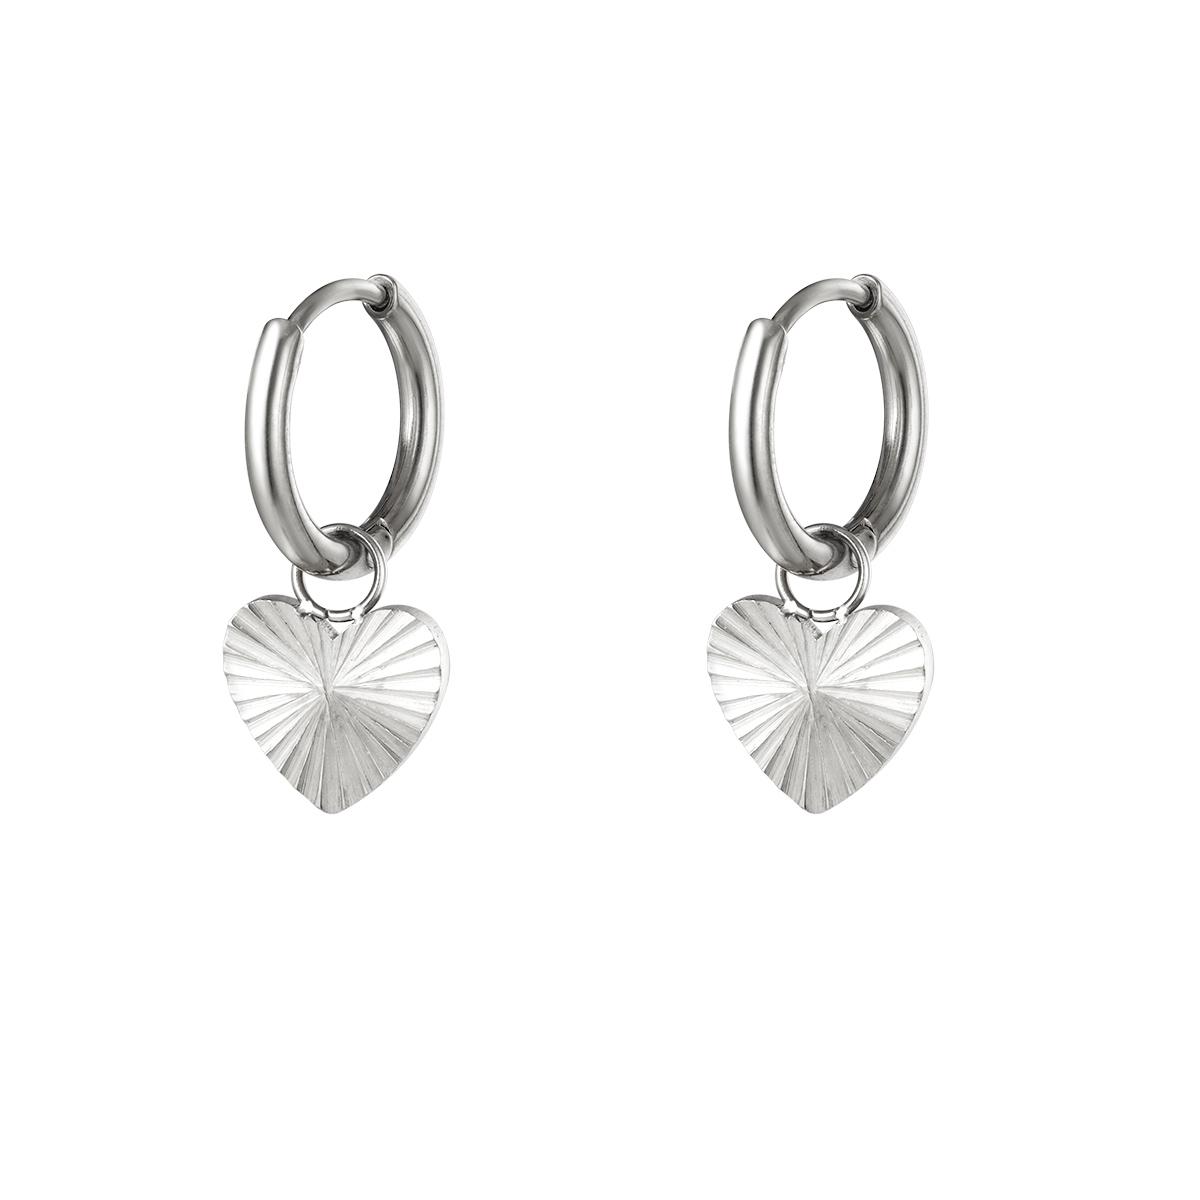 Boucles d'oreilles coeur en acier inoxydable